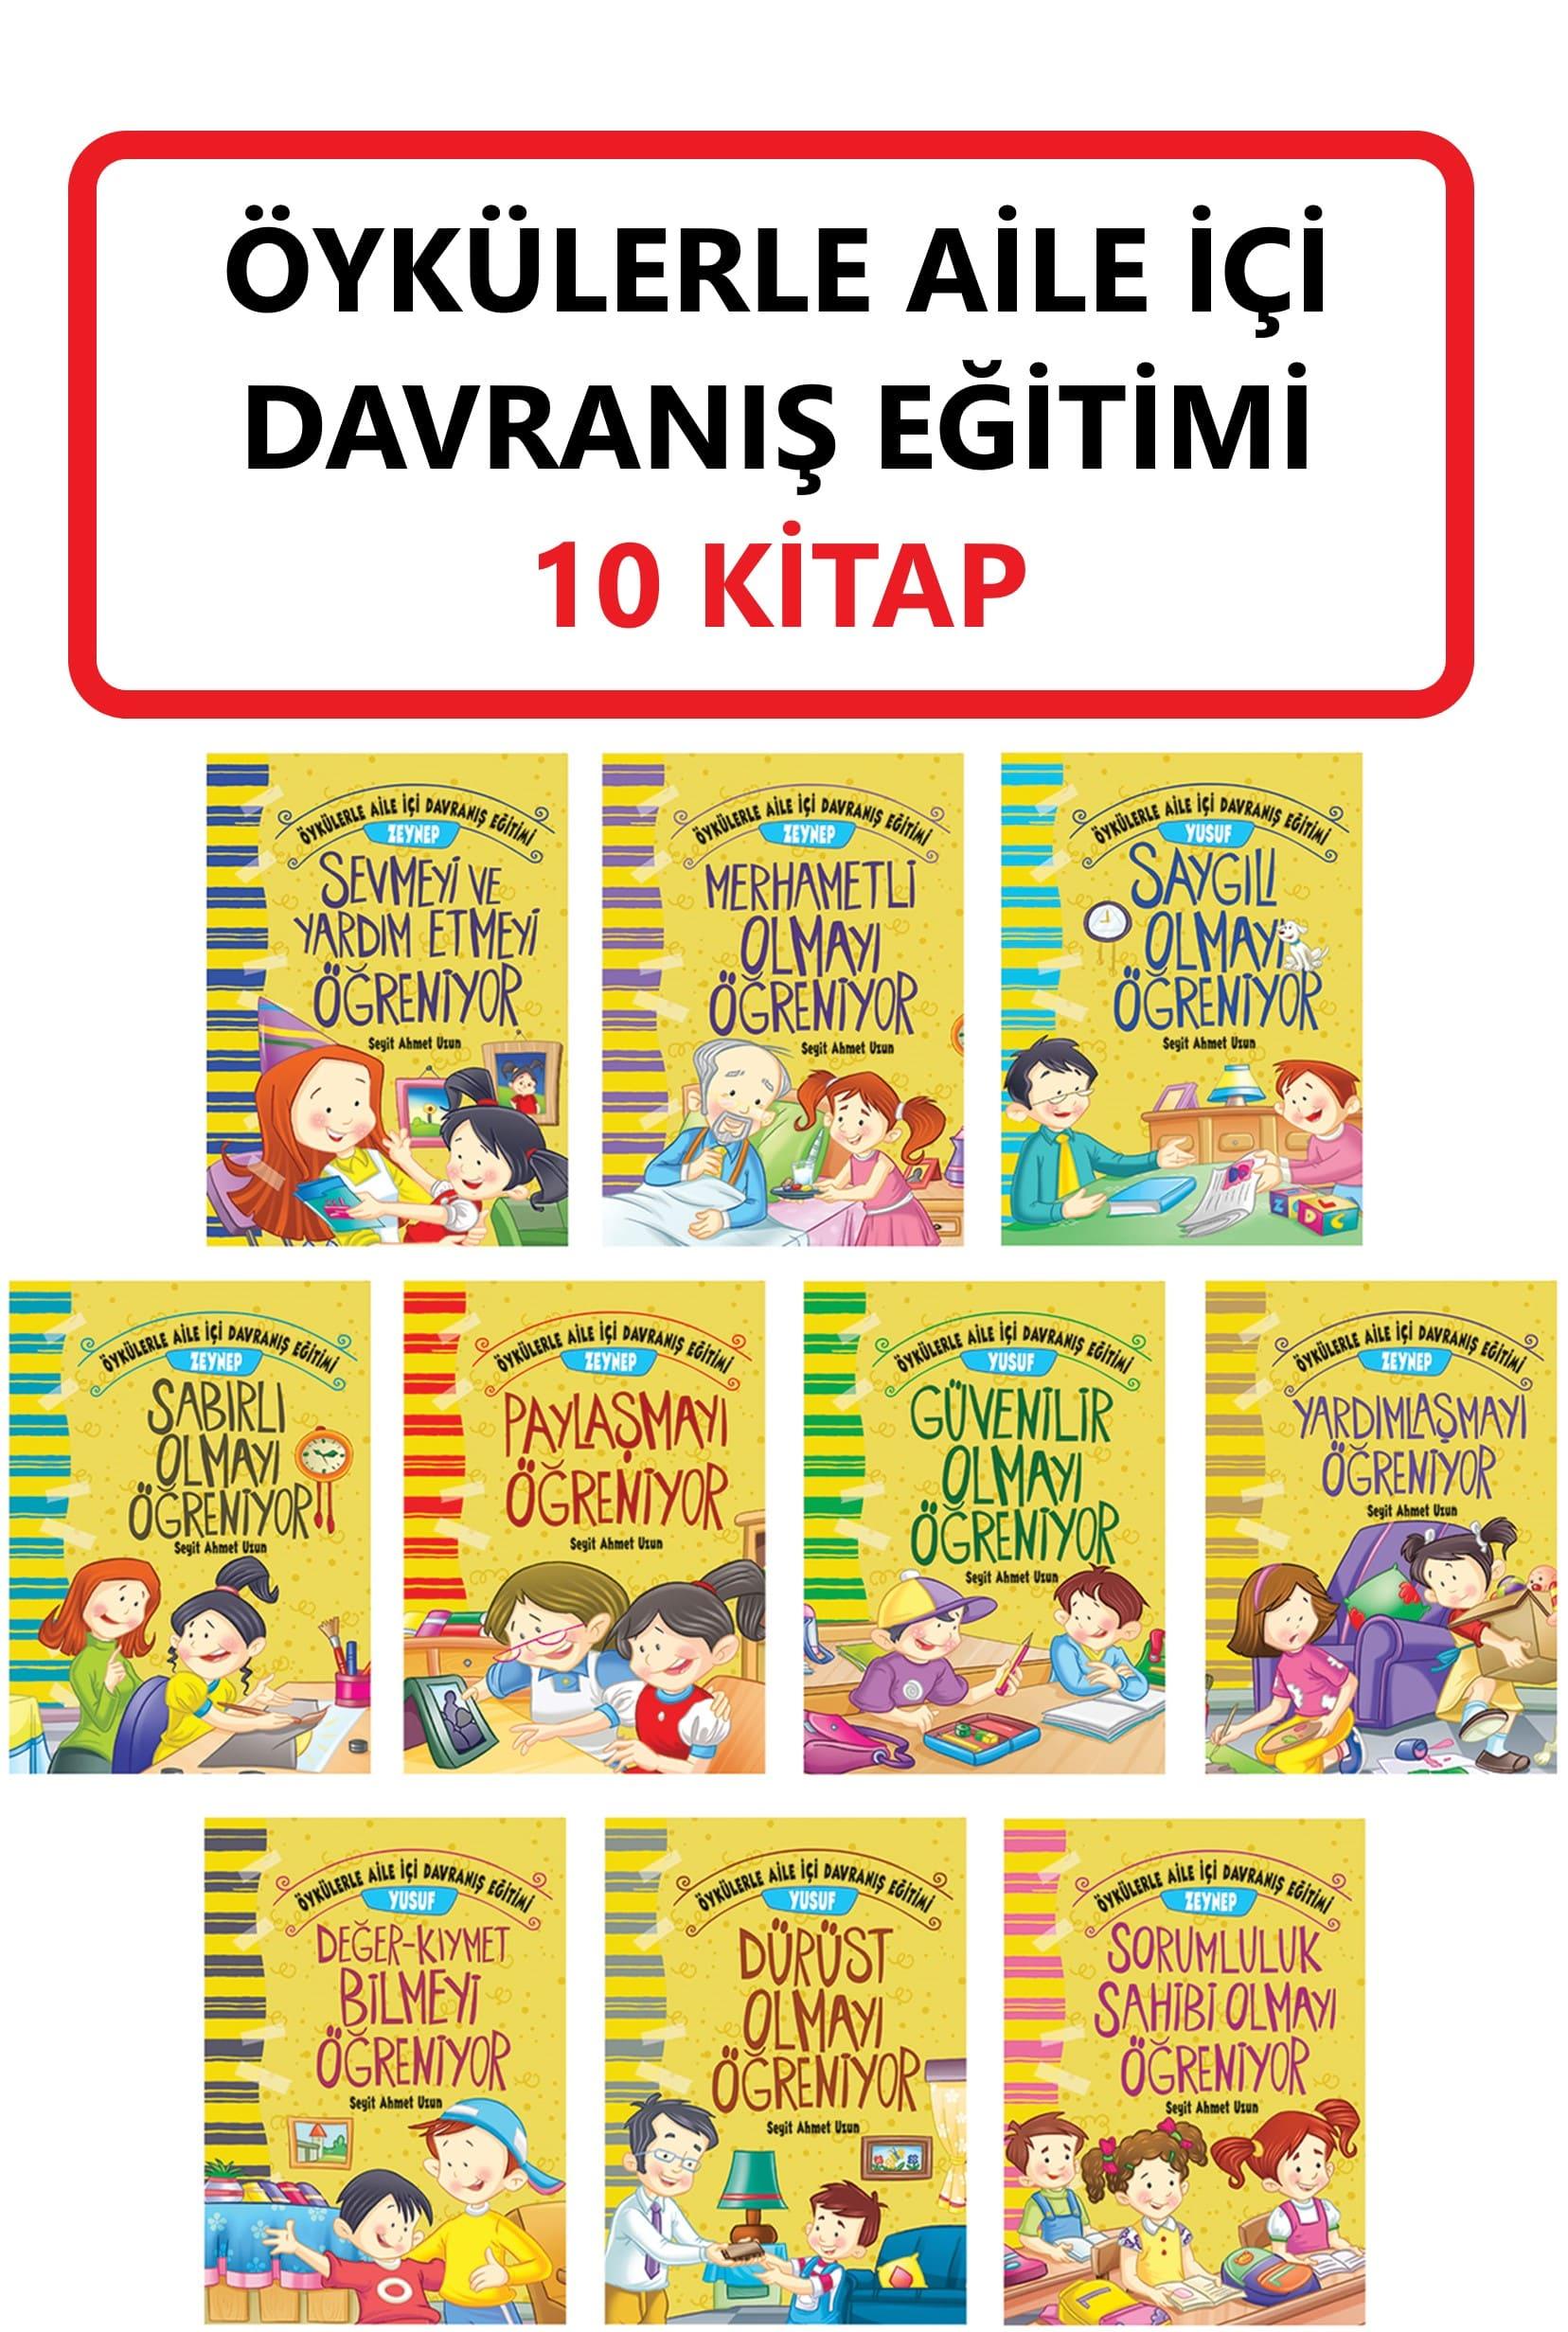 DAVRANIŞ EĞİTİMİ SETİ 10 KİTAP